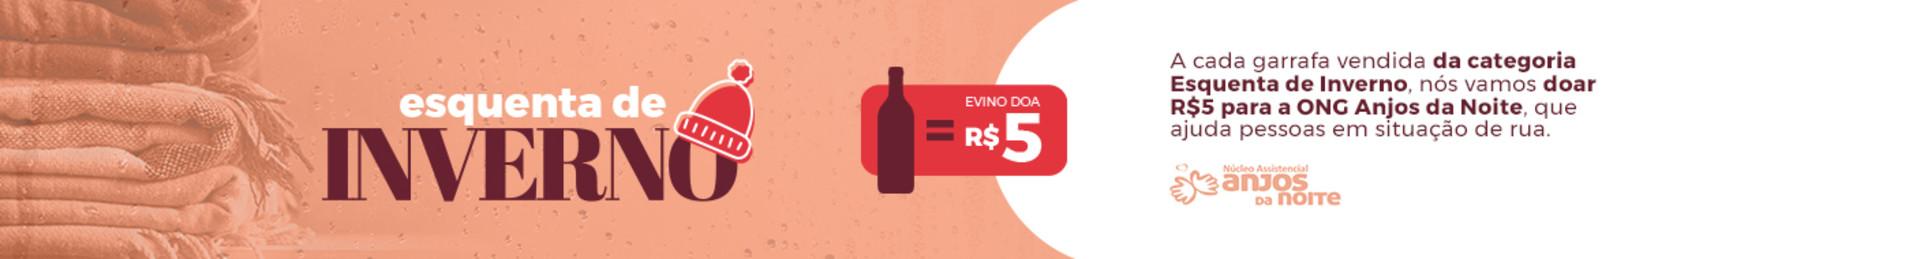 A cada garrafa vendida da categoria Esquenta de Inverno, nós vamos doar R$5 para a ONG Anjos da Noite, que ajuda pessoas em situação de rua.